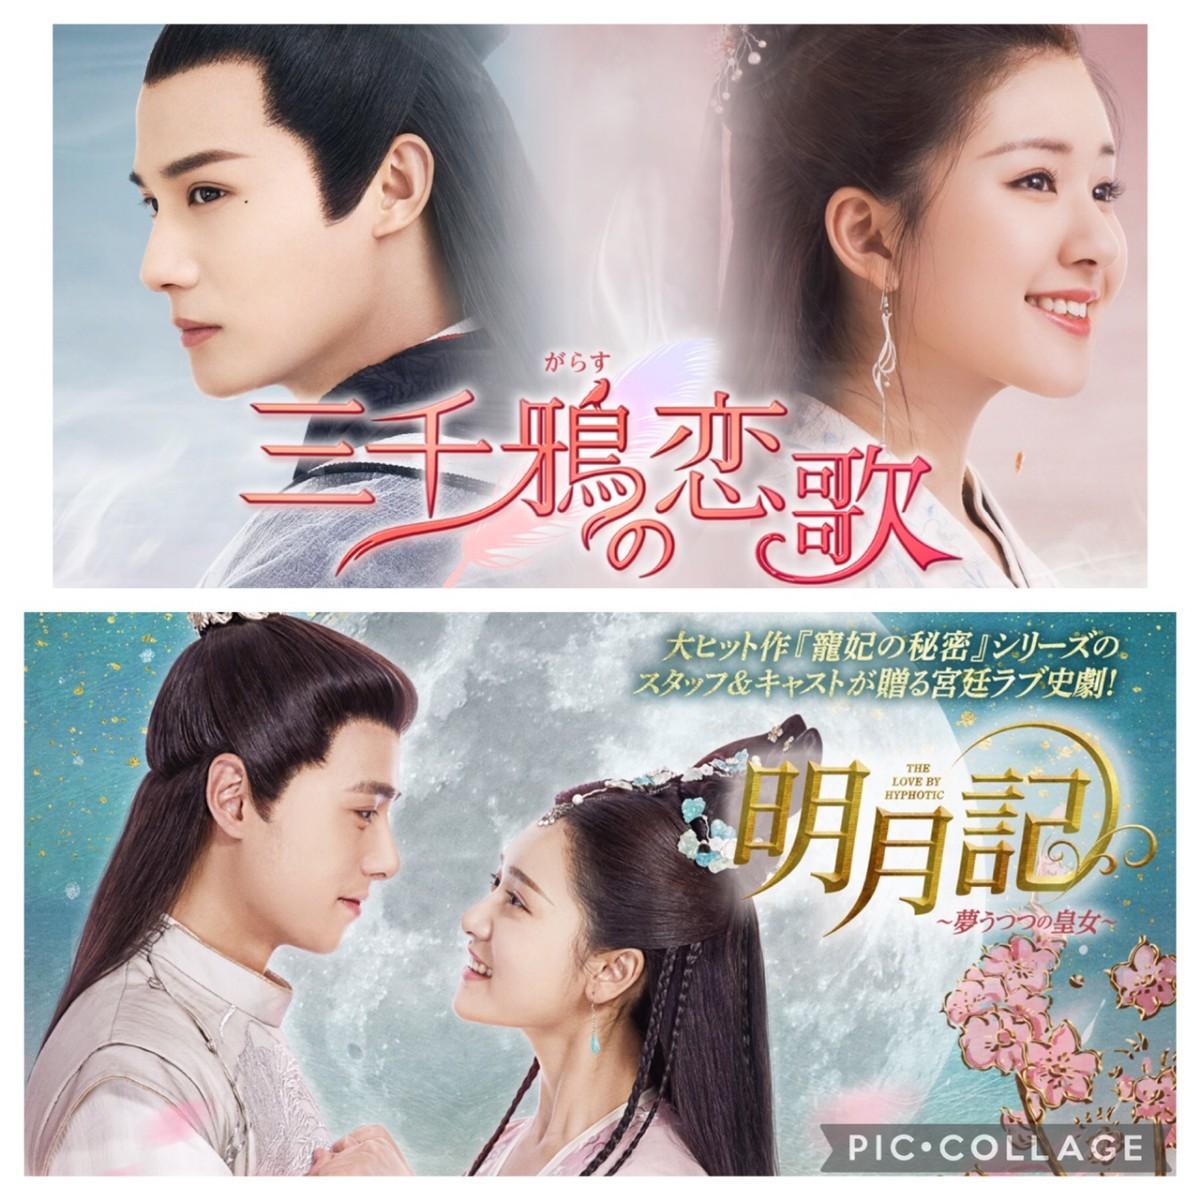 三千鴉の恋うた+明月記 中国ドラマ2作品Blu-ray